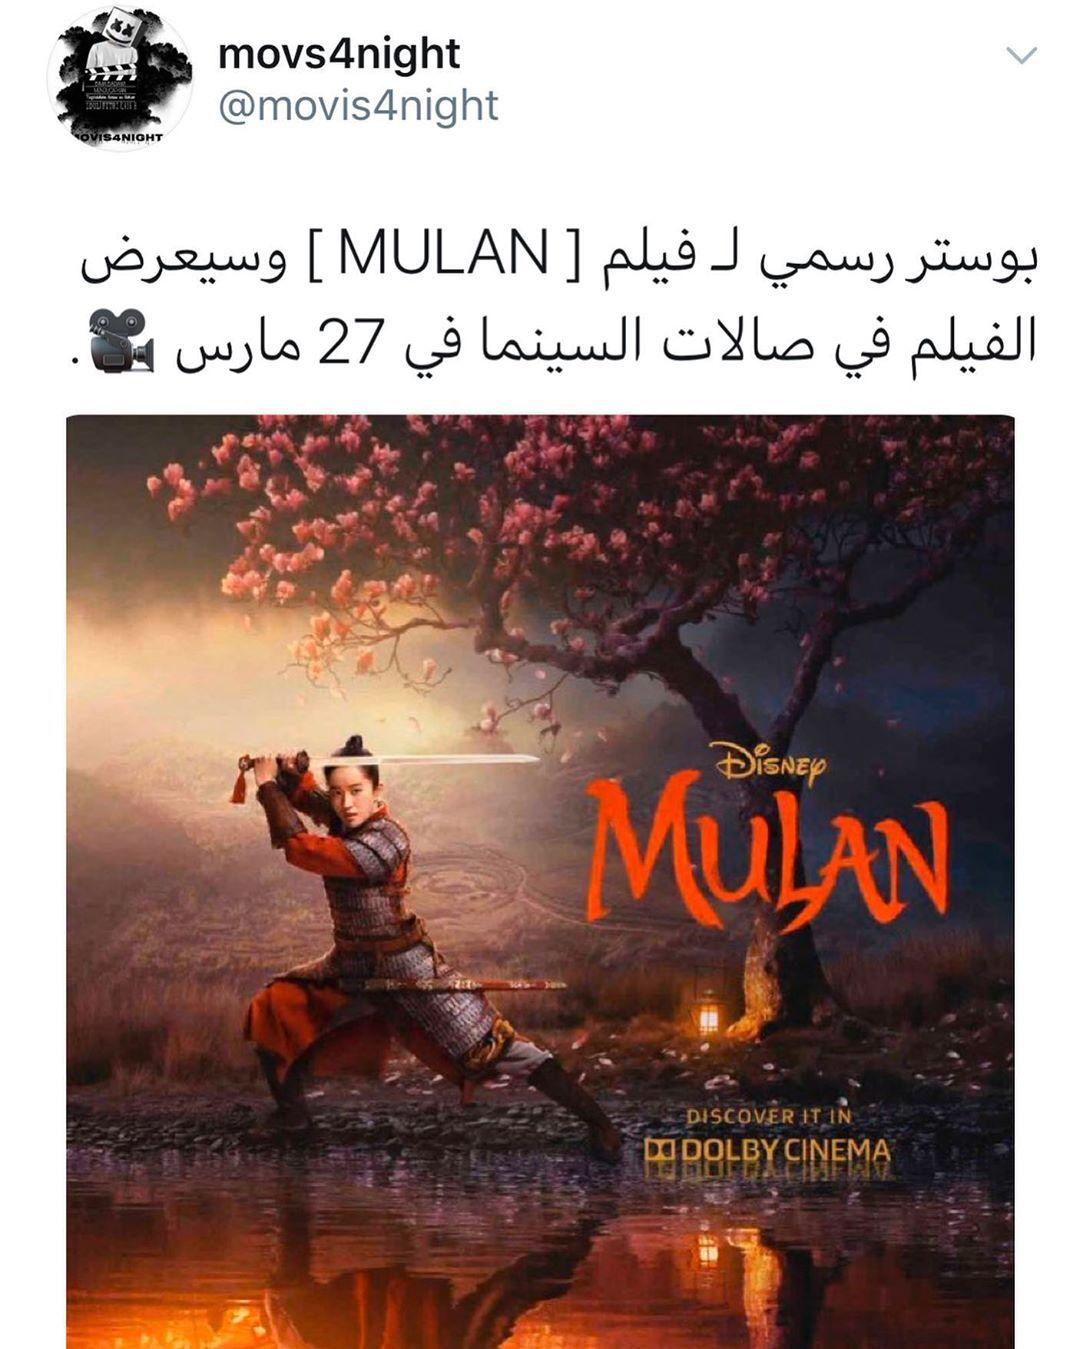 بتشوفون الفلم ولا خلاص شفتوا فلم الكرتون Movies Film Beautiful Arabic Words